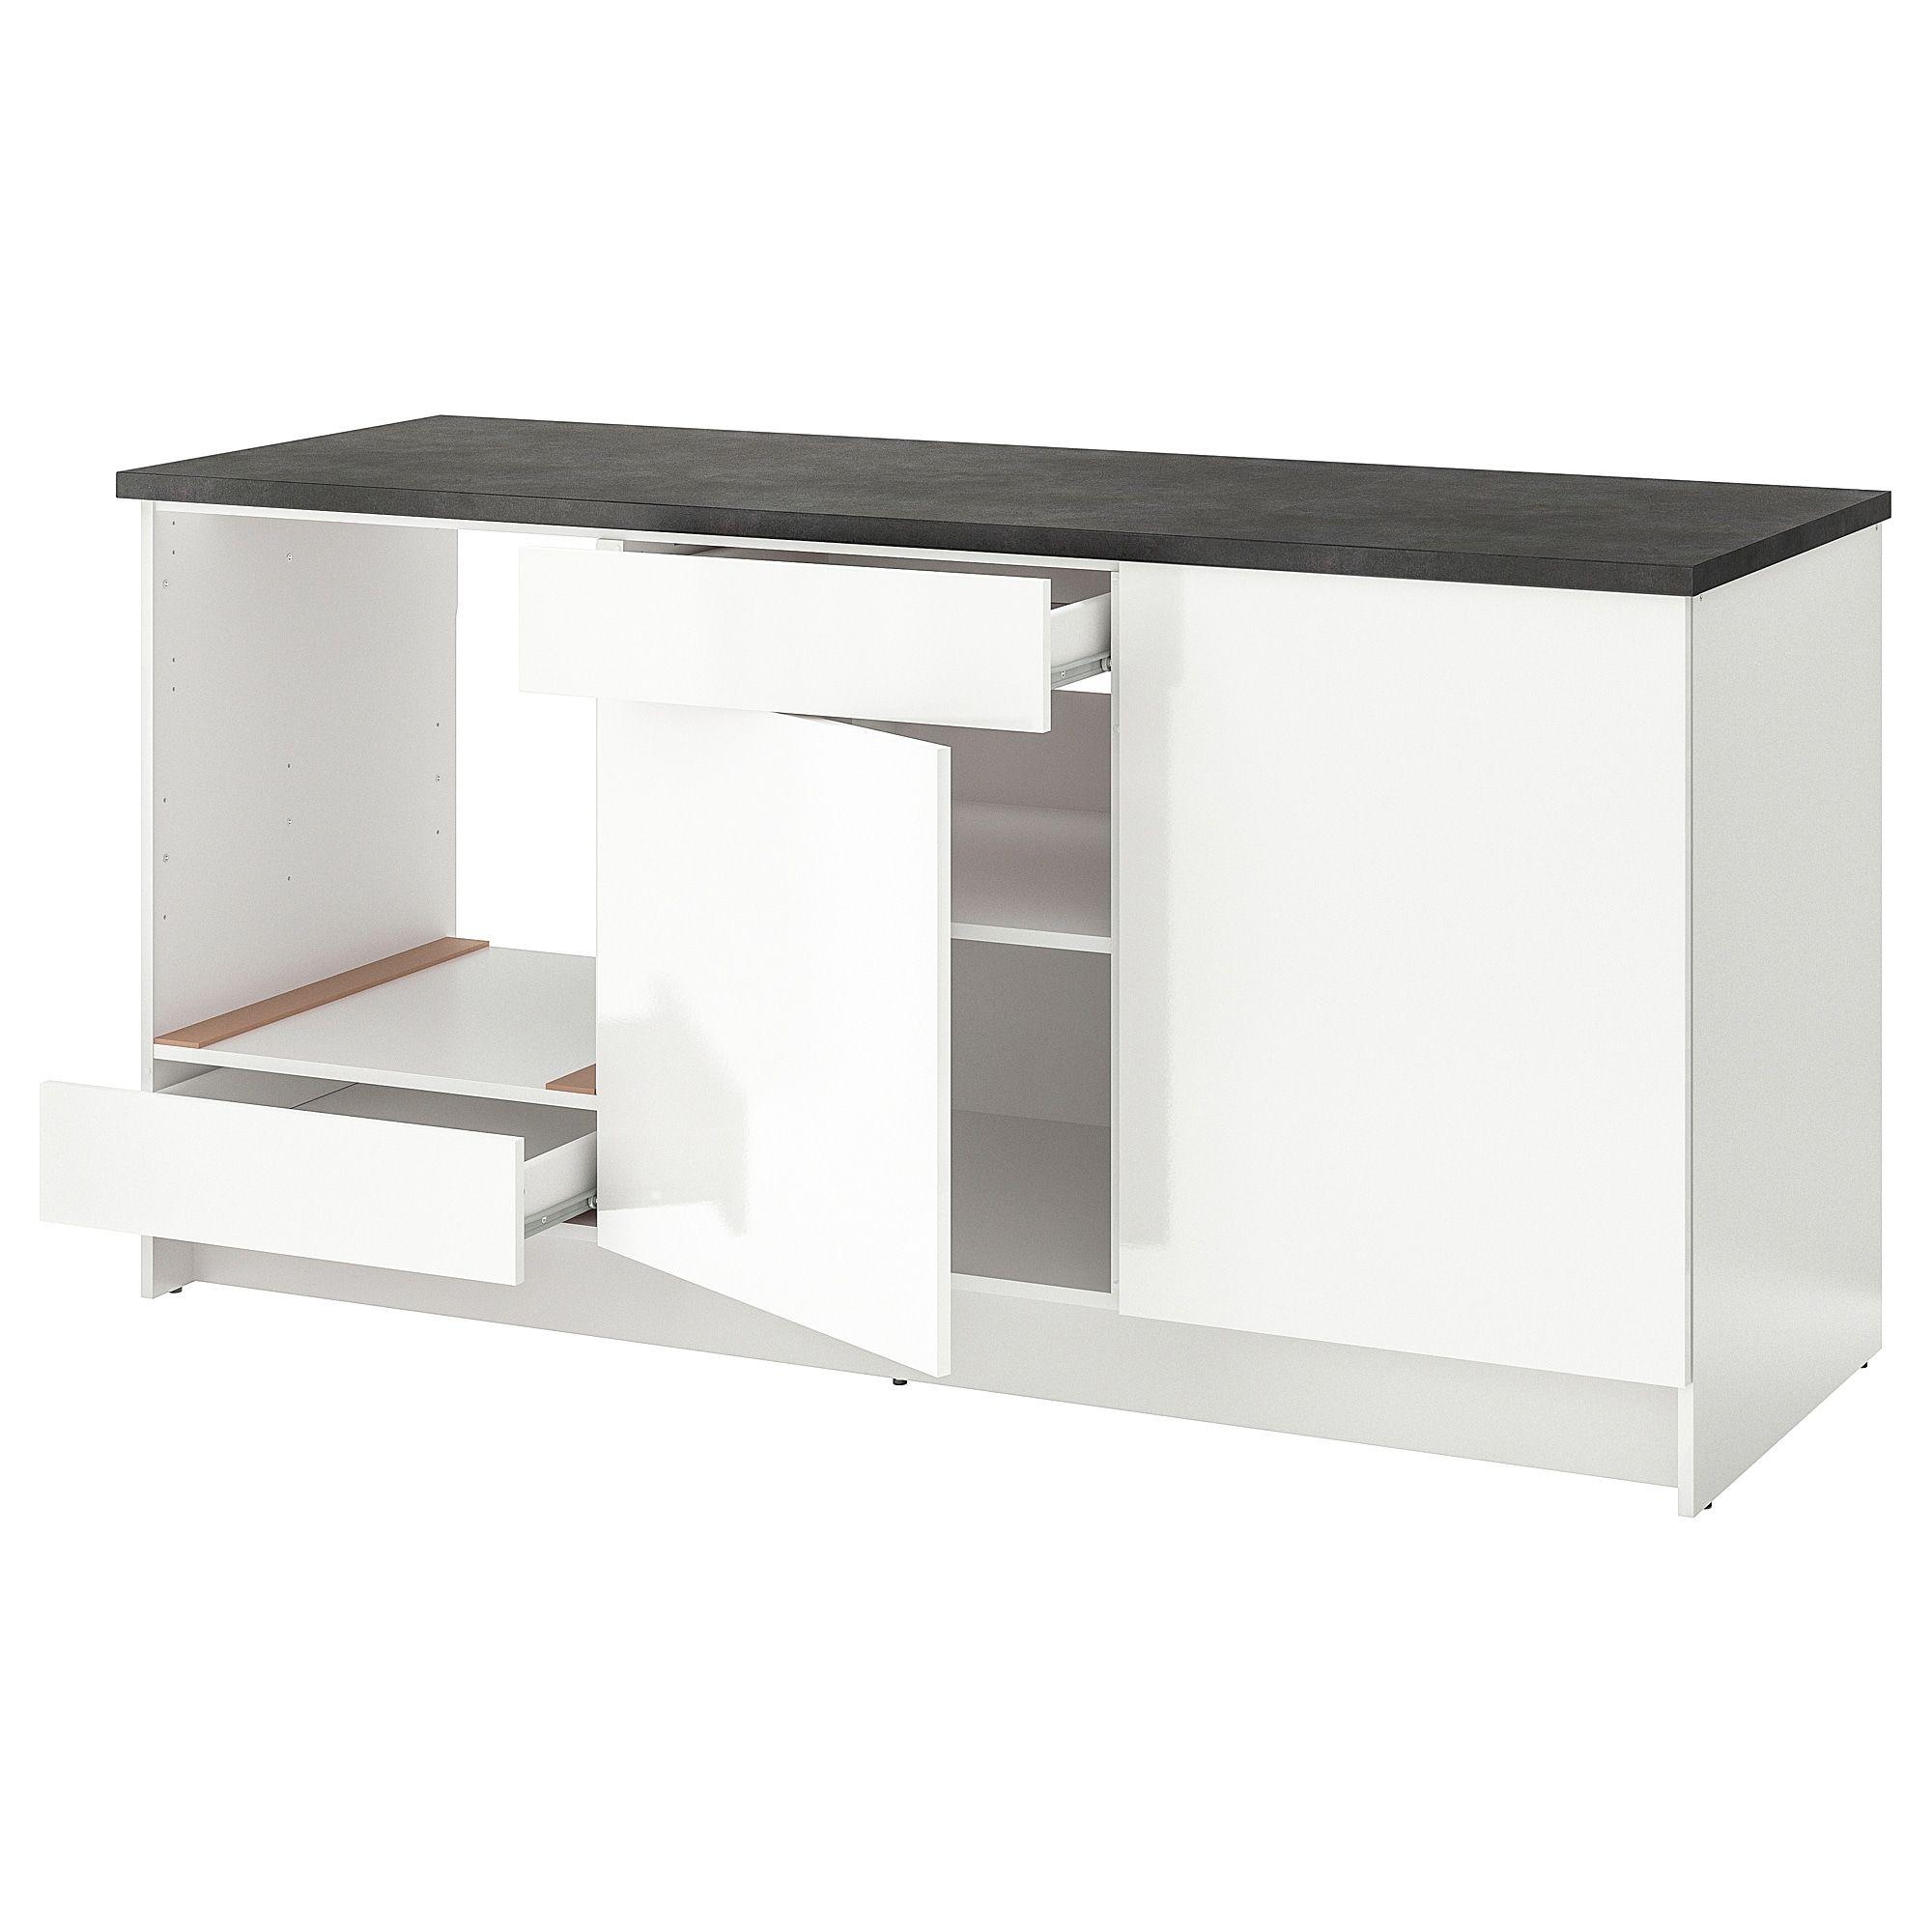 Full Size of Ikea Sofa Mit Schlaffunktion Betten Bei Eckunterschrank Küche Kosten Badezimmer Unterschrank Kaufen Bad Modulküche 160x200 Miniküche Holz Wohnzimmer Ikea Unterschrank